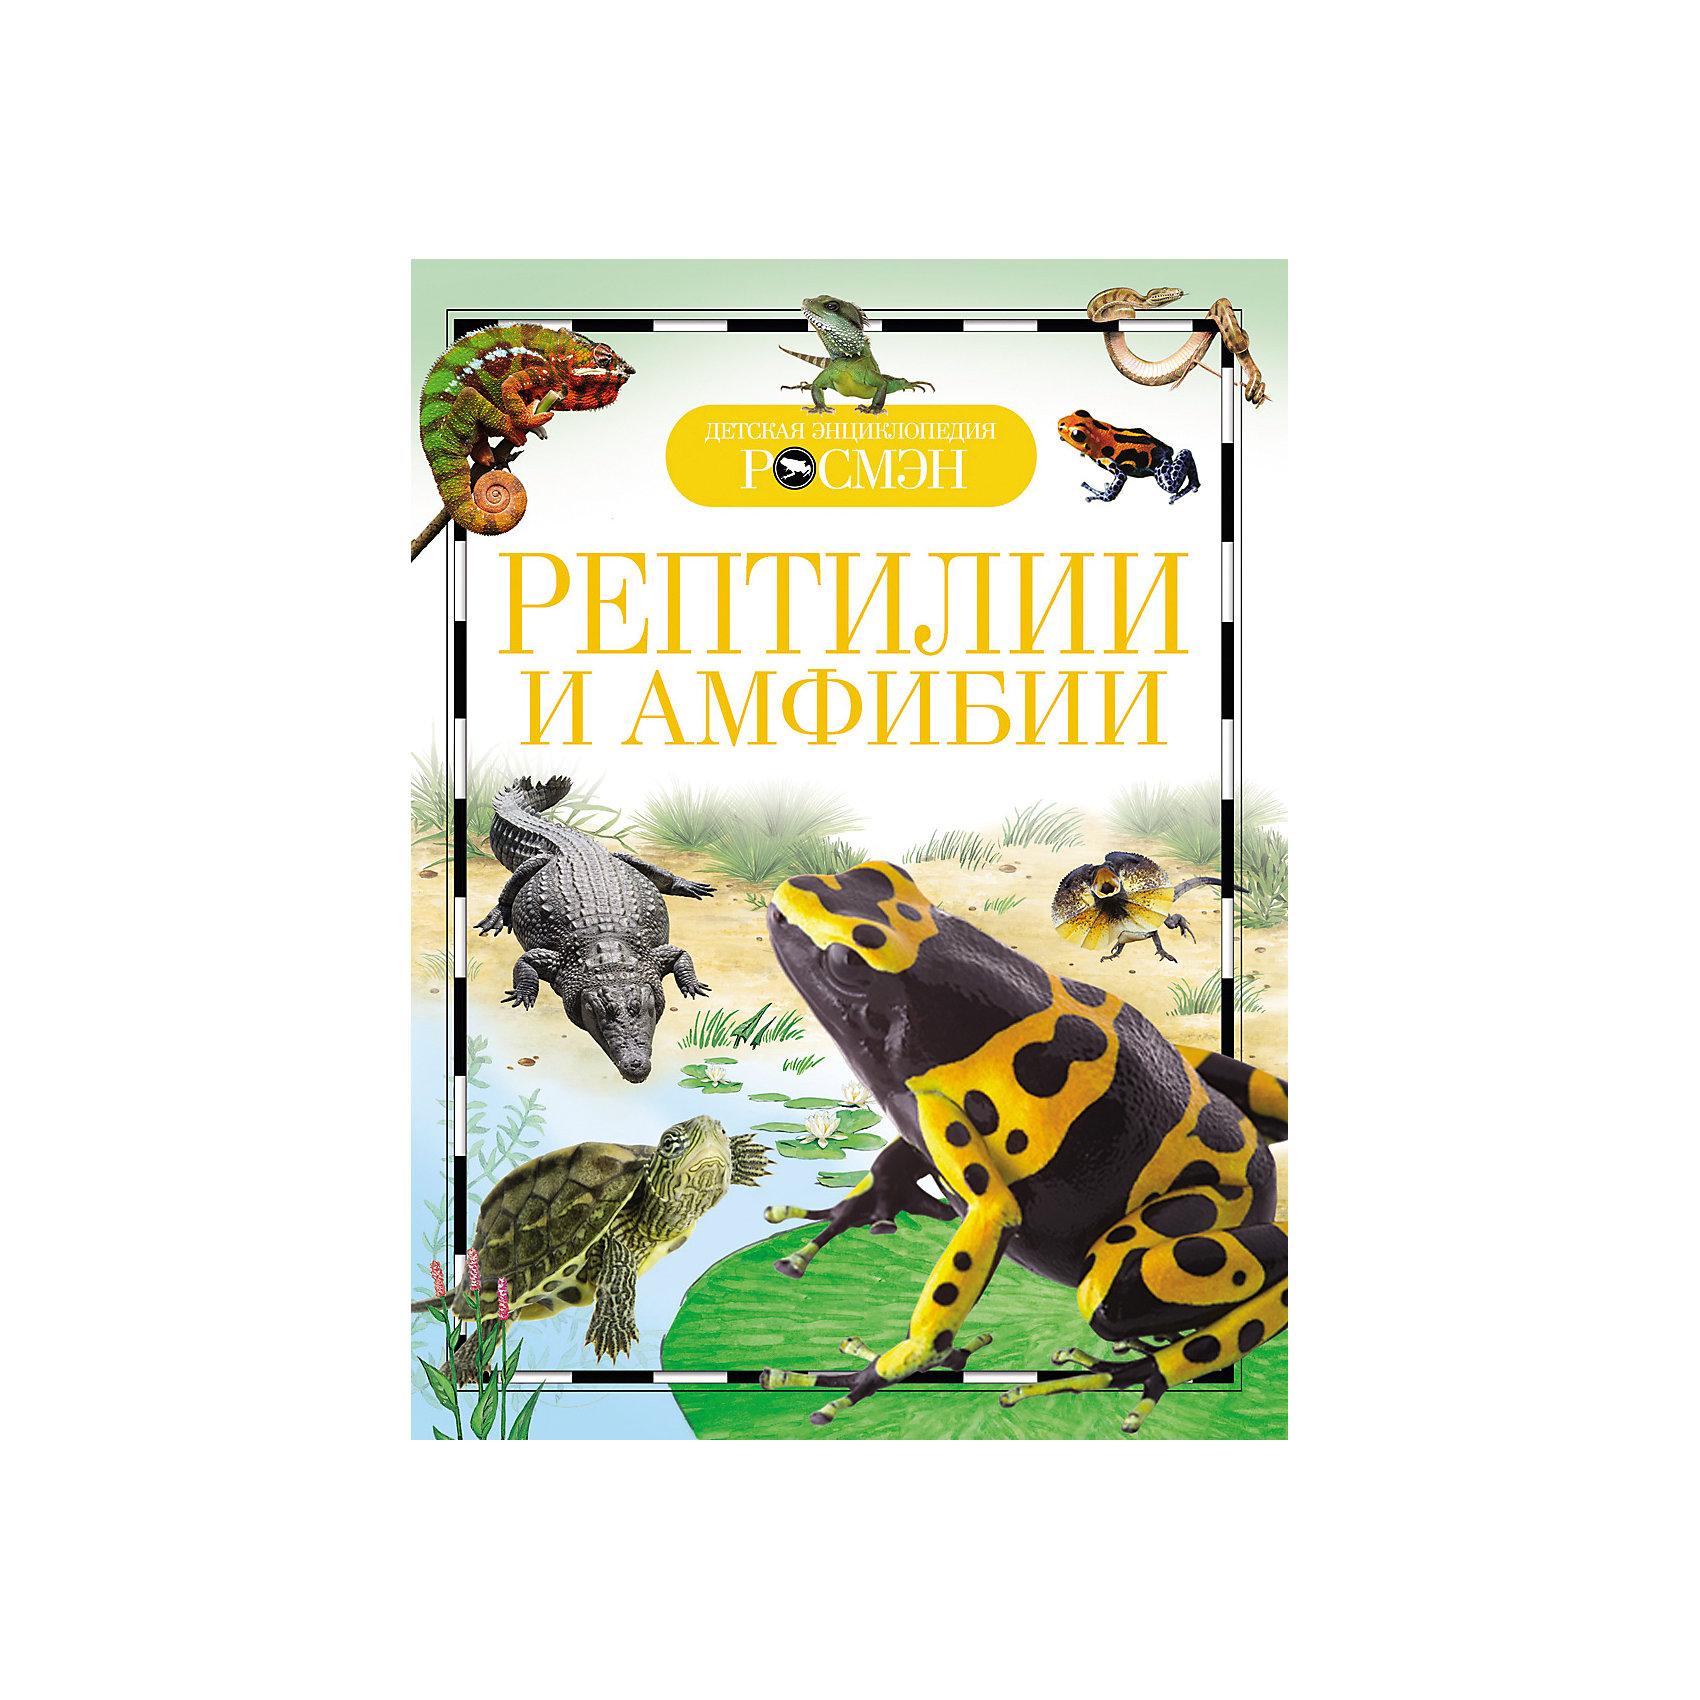 Рептилии и амфибииРосмэн<br>Reptiles and amphibians (Рептилии и амфибии)<br><br>Характеристики:<br><br>• Серия: детская энциклопедия РОСМЭН<br>• Формат: 220х170<br>• Переплет: твердый переплет<br>• Количество страниц: 96<br>• Бумага: целлофанированная или лакированная<br>• Цветные иллюстрации: да<br>• Вес в упаковке: 234 г<br><br>Знаете ли вы, кто такие амфибии? Конечно знаете и непременно их встречали. Квакающие весной в пруду лягушки, временами выпрыгивающие на дорожку. Или медленно передвигающиеся по земле жабы. А рептилии? Кому не доводилось обнаруживать юрких ящериц на солнцепеке? А кто-то наталкивался и на безобидного ужа или, наоборот, на опасную гадюку. Но амфибий и рептилий на свете очень много, среди них есть удивительные существа, которые можно увидеть, только отправившись в далекое путешествие. Эта книга, снабженная иллюстрациями, позволит вам совершить такое путешествие, не выходя из дома.<br><br>Книгу «Рептилии и амфибии» можно купить в нашем интернет-магазине.<br><br>Ширина мм: 220<br>Глубина мм: 170<br>Высота мм: 10<br>Вес г: 234<br>Возраст от месяцев: 84<br>Возраст до месяцев: 108<br>Пол: Унисекс<br>Возраст: Детский<br>SKU: 5109734